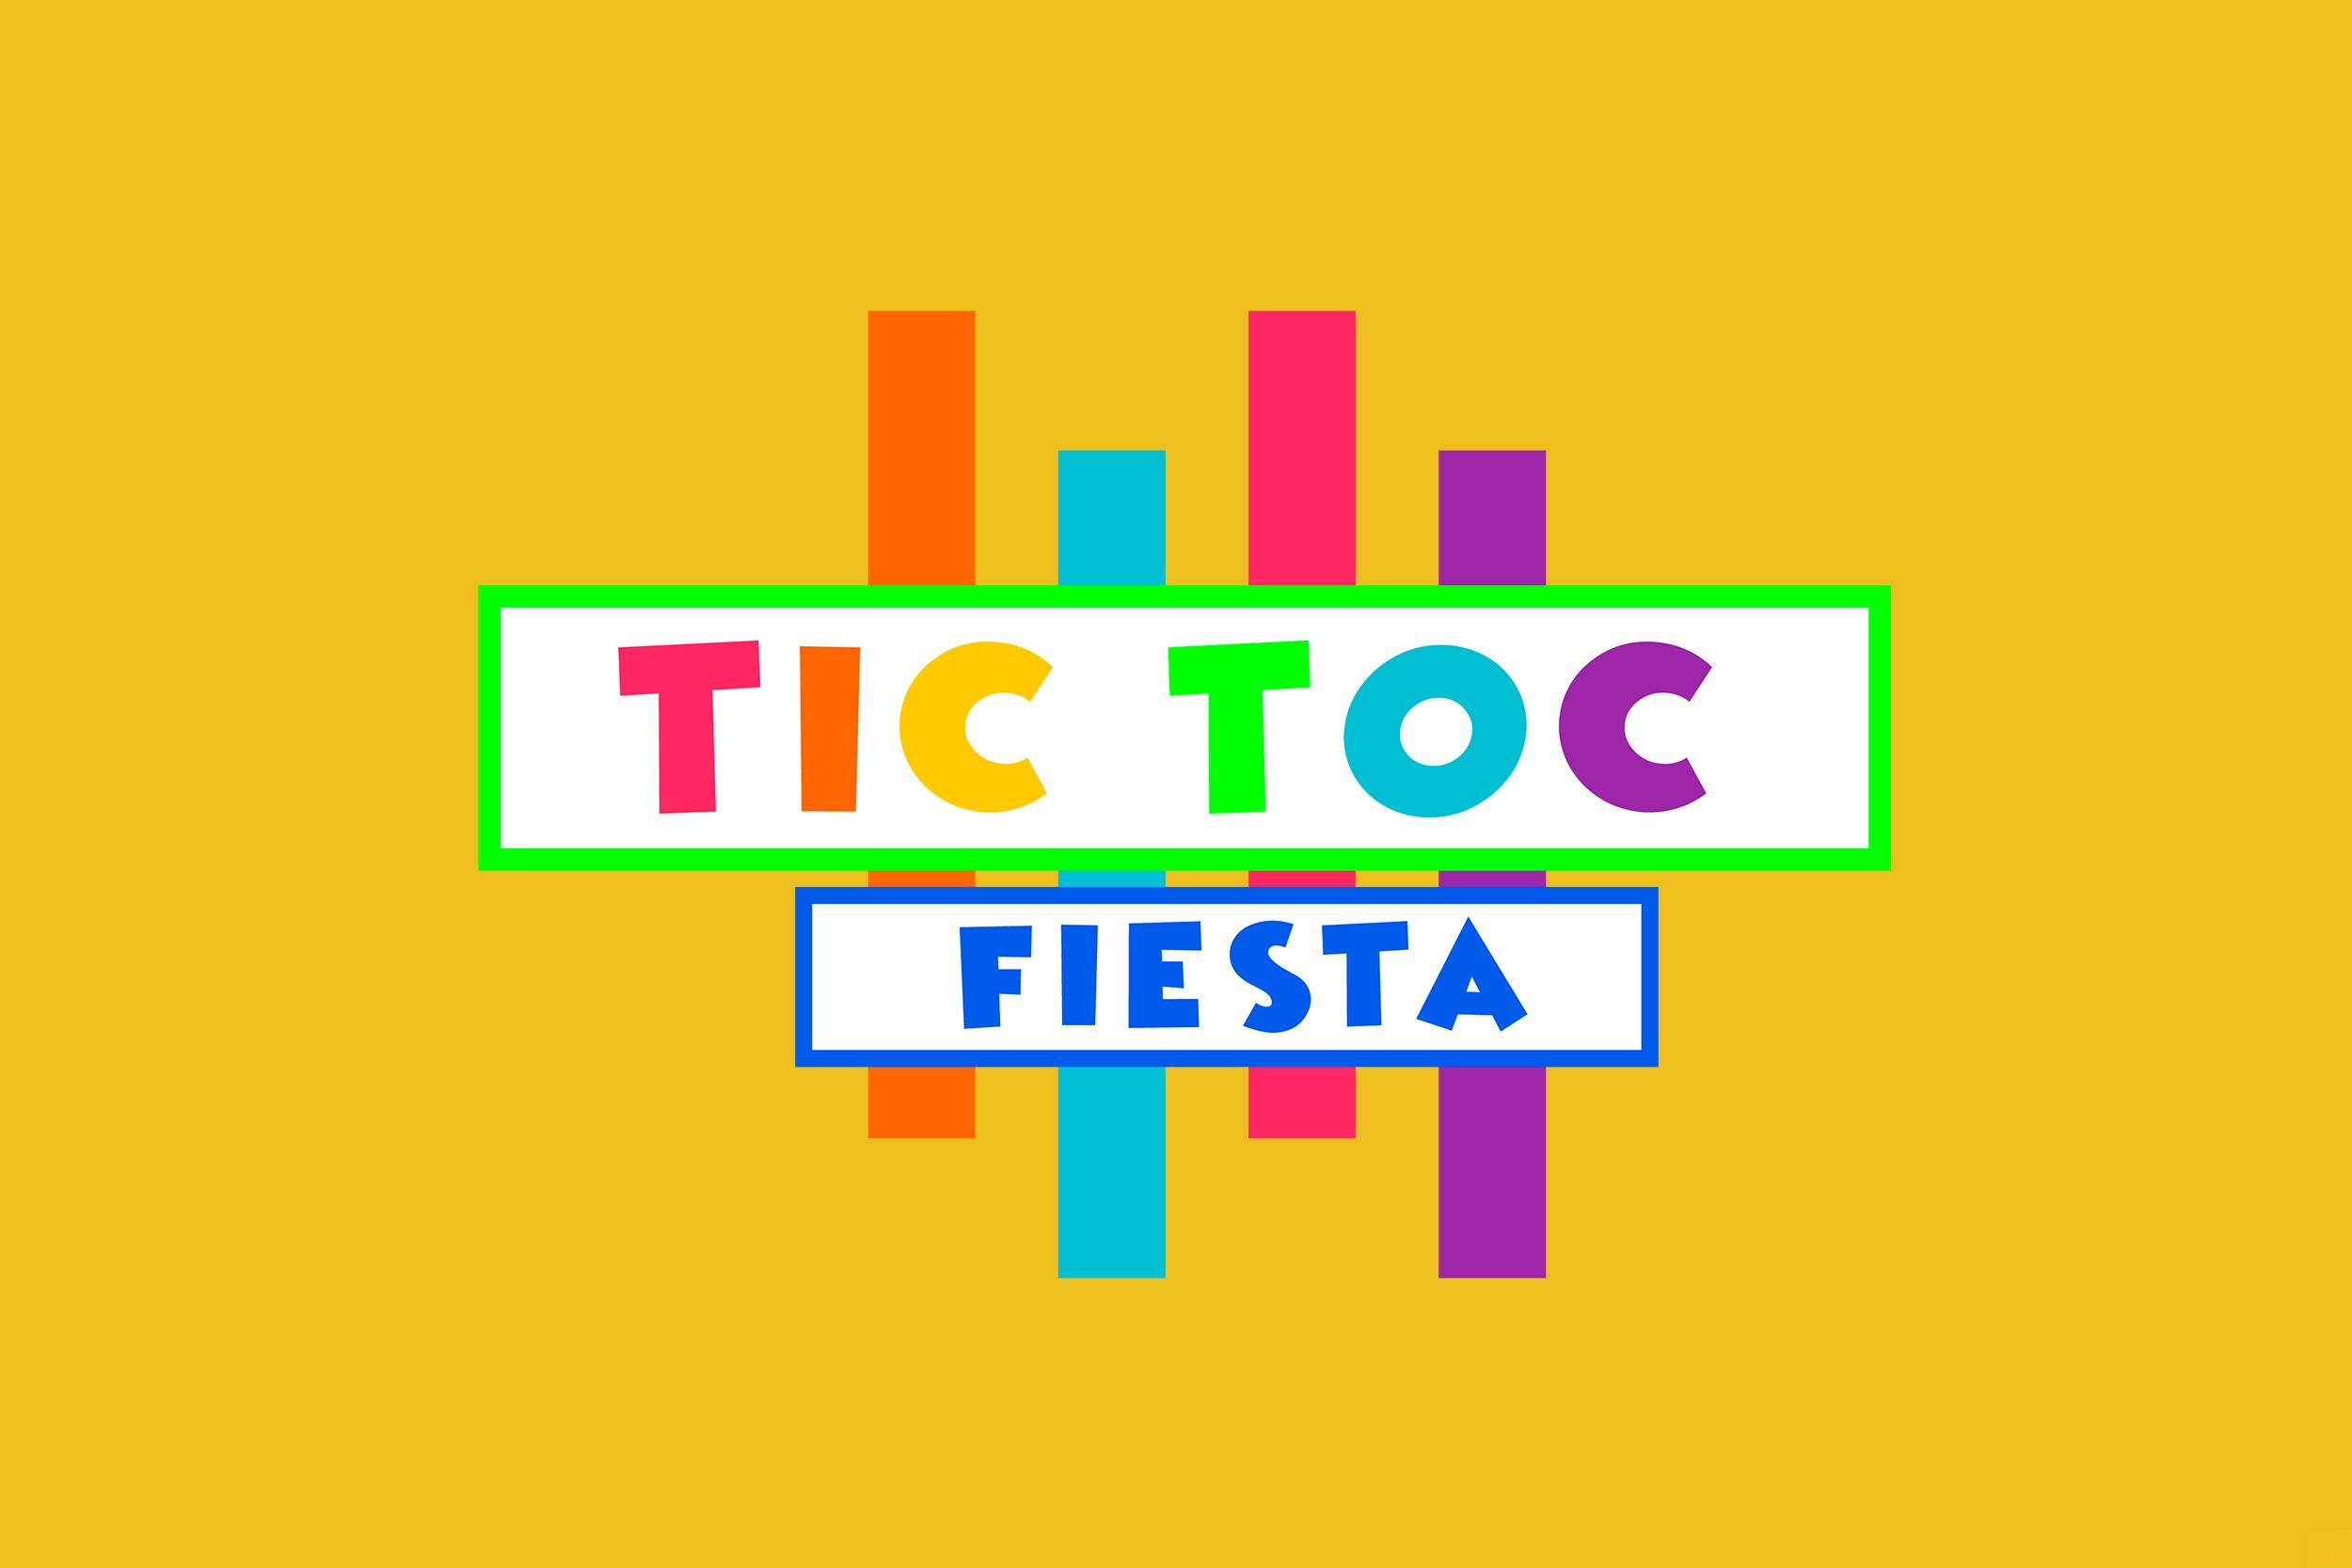 tictoc5